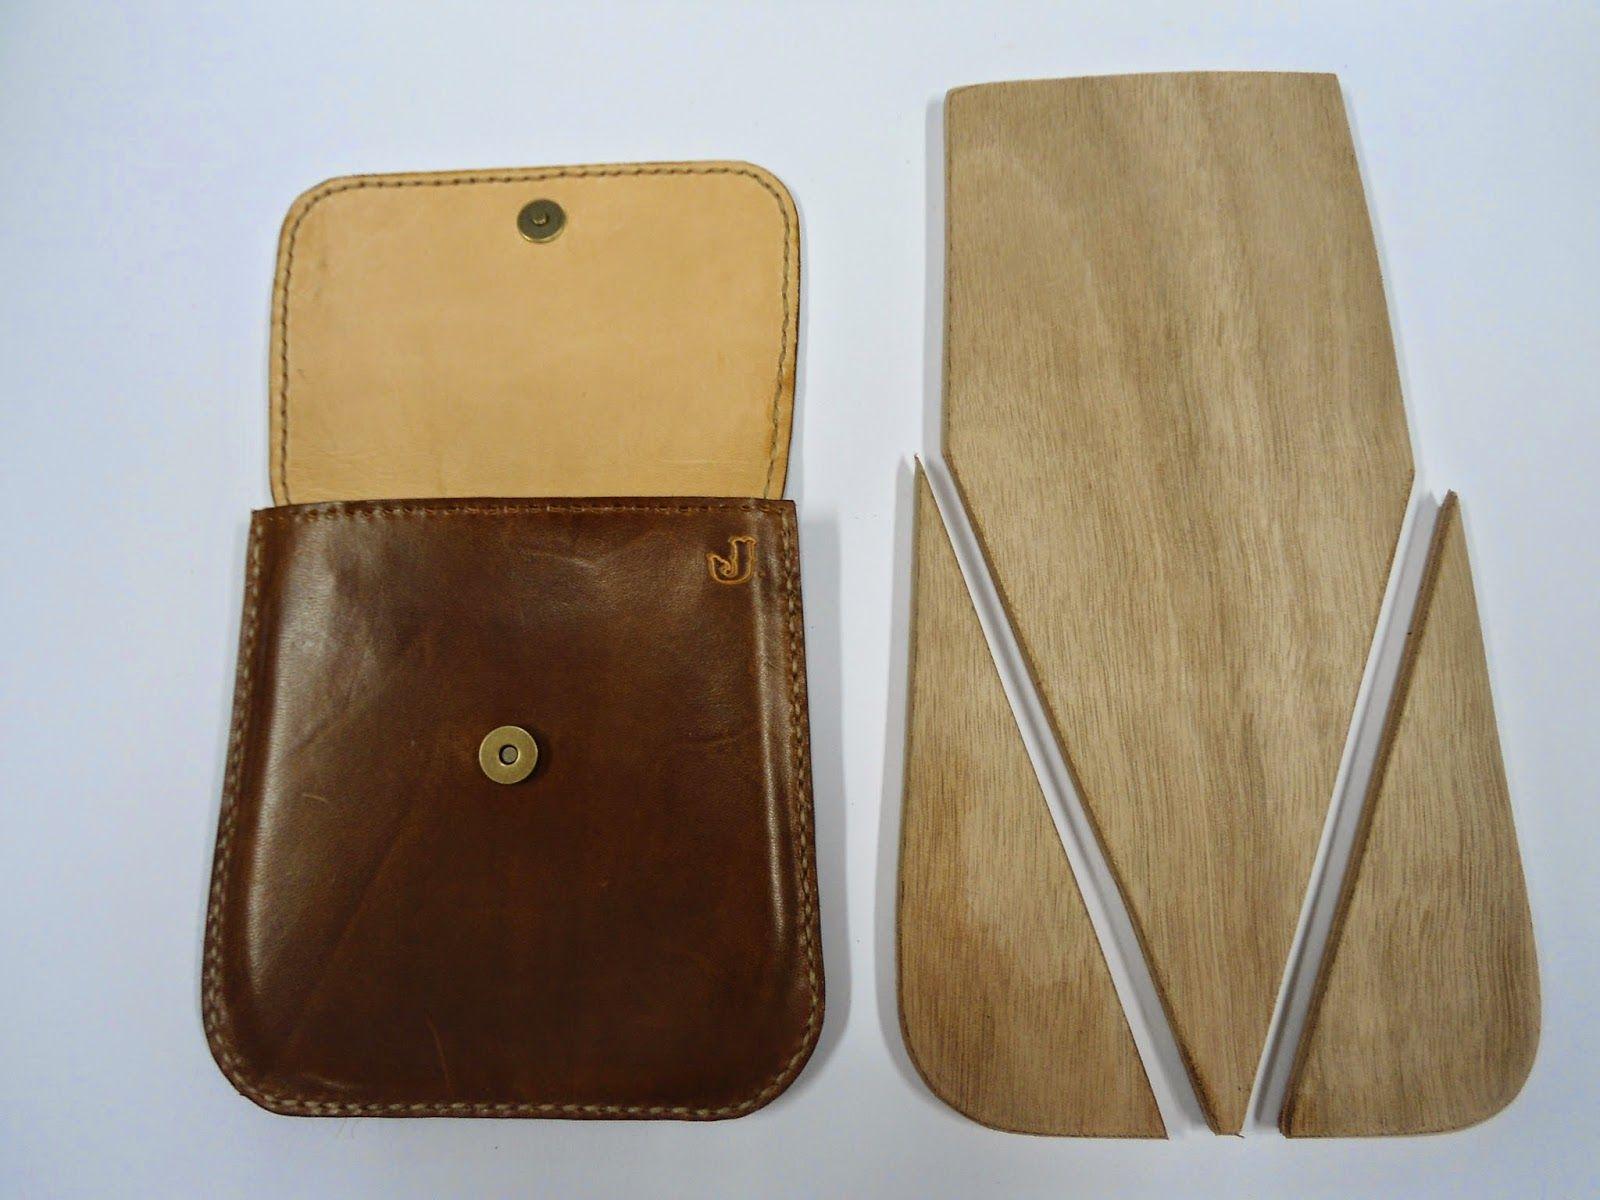 la ventana del cuero como hacer un bolso moldeado molde de tres piezas